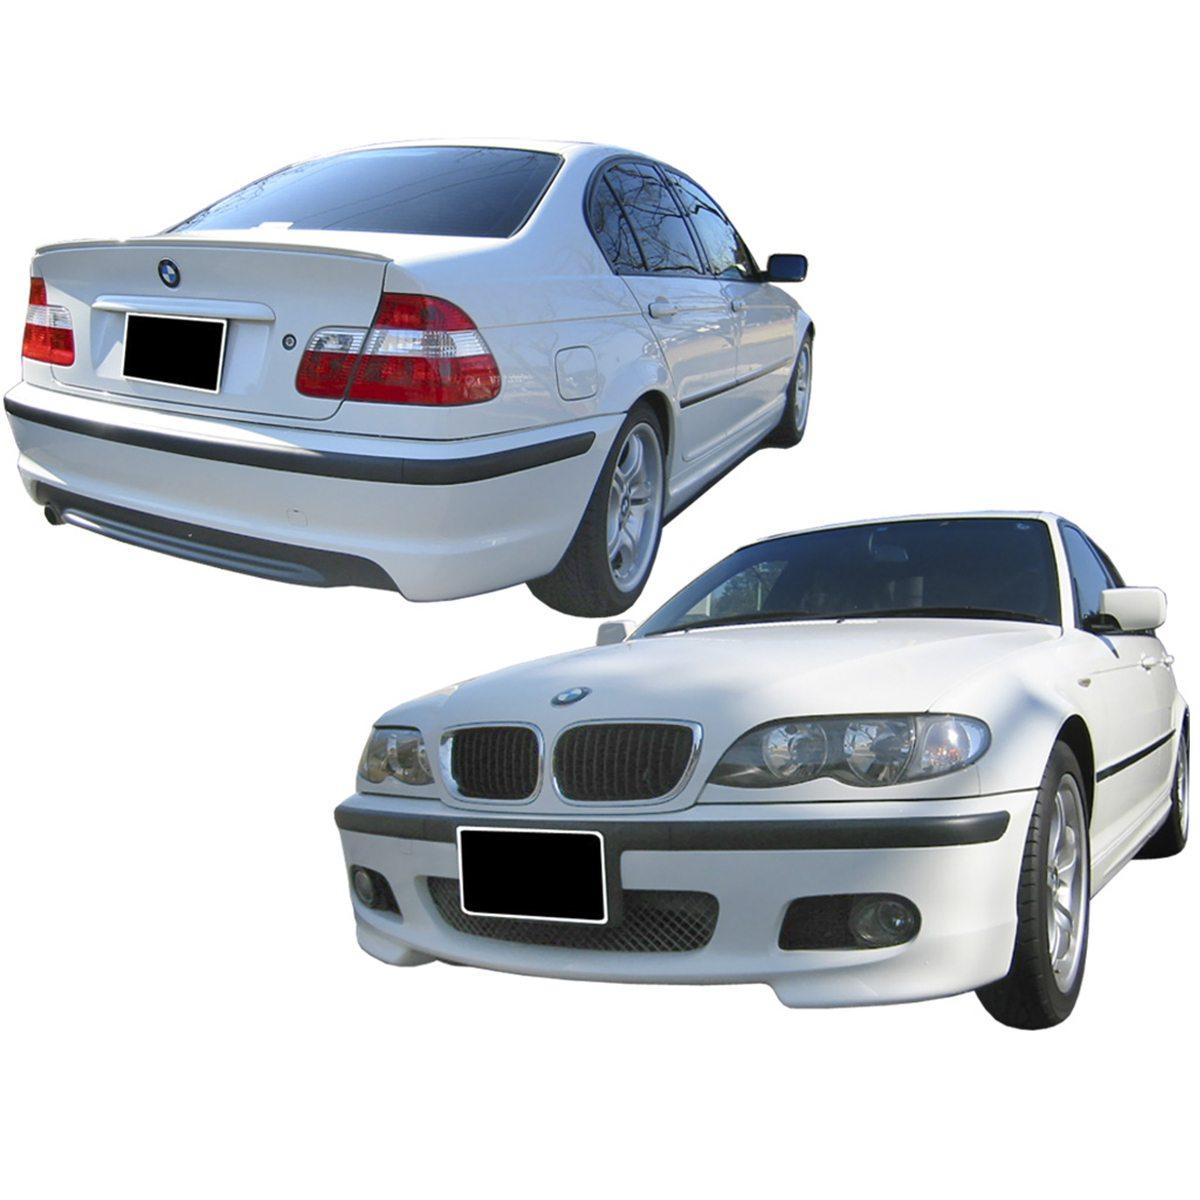 BMW-E46-M-Look-KIT-QTU084